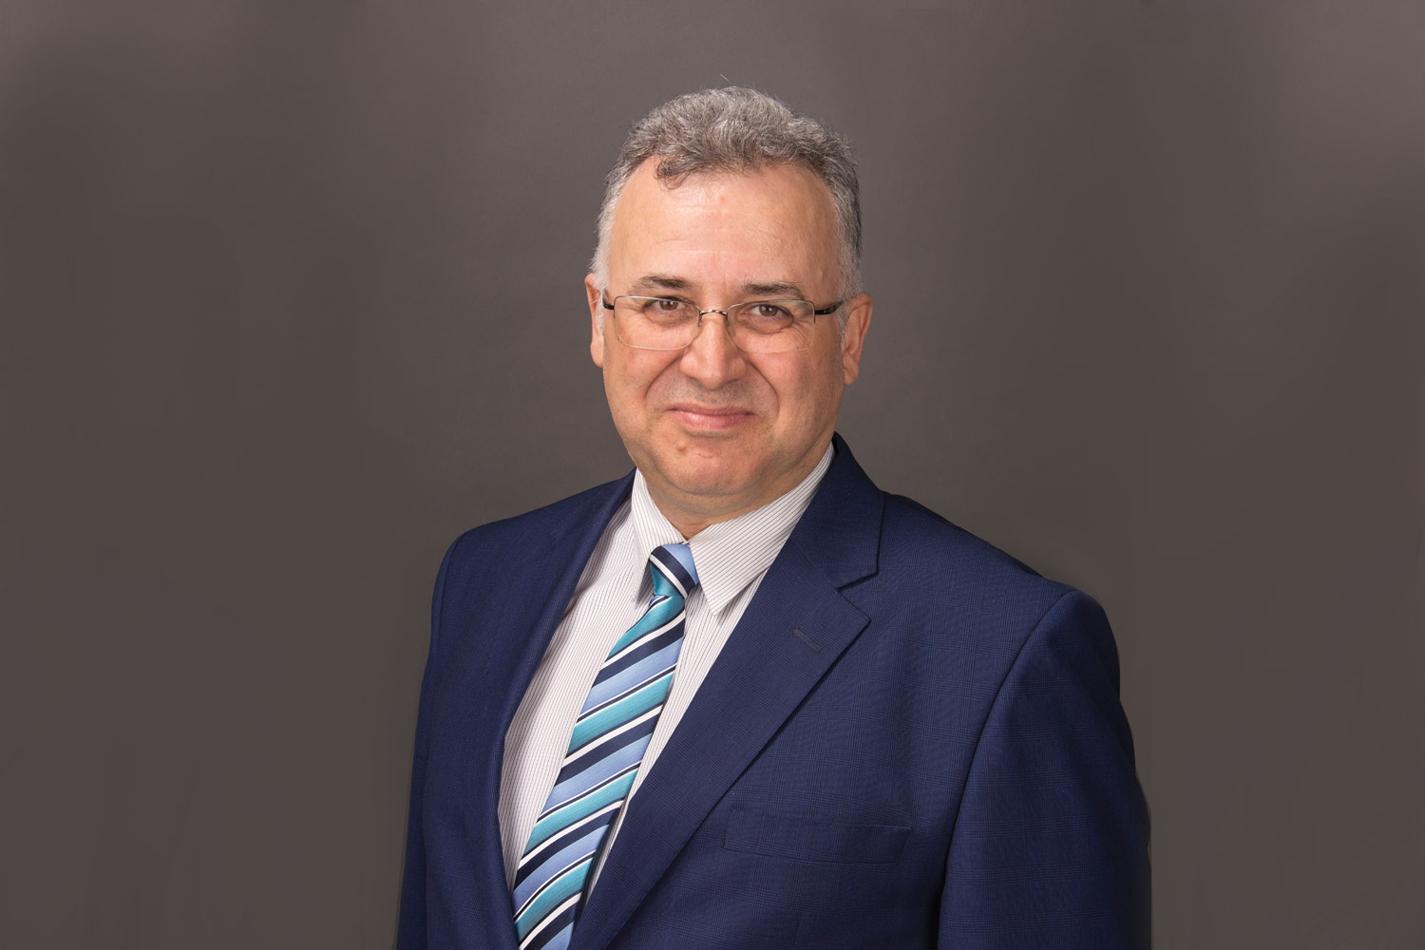 İzmir Ekonomili profesör 'dünya listesi'nde